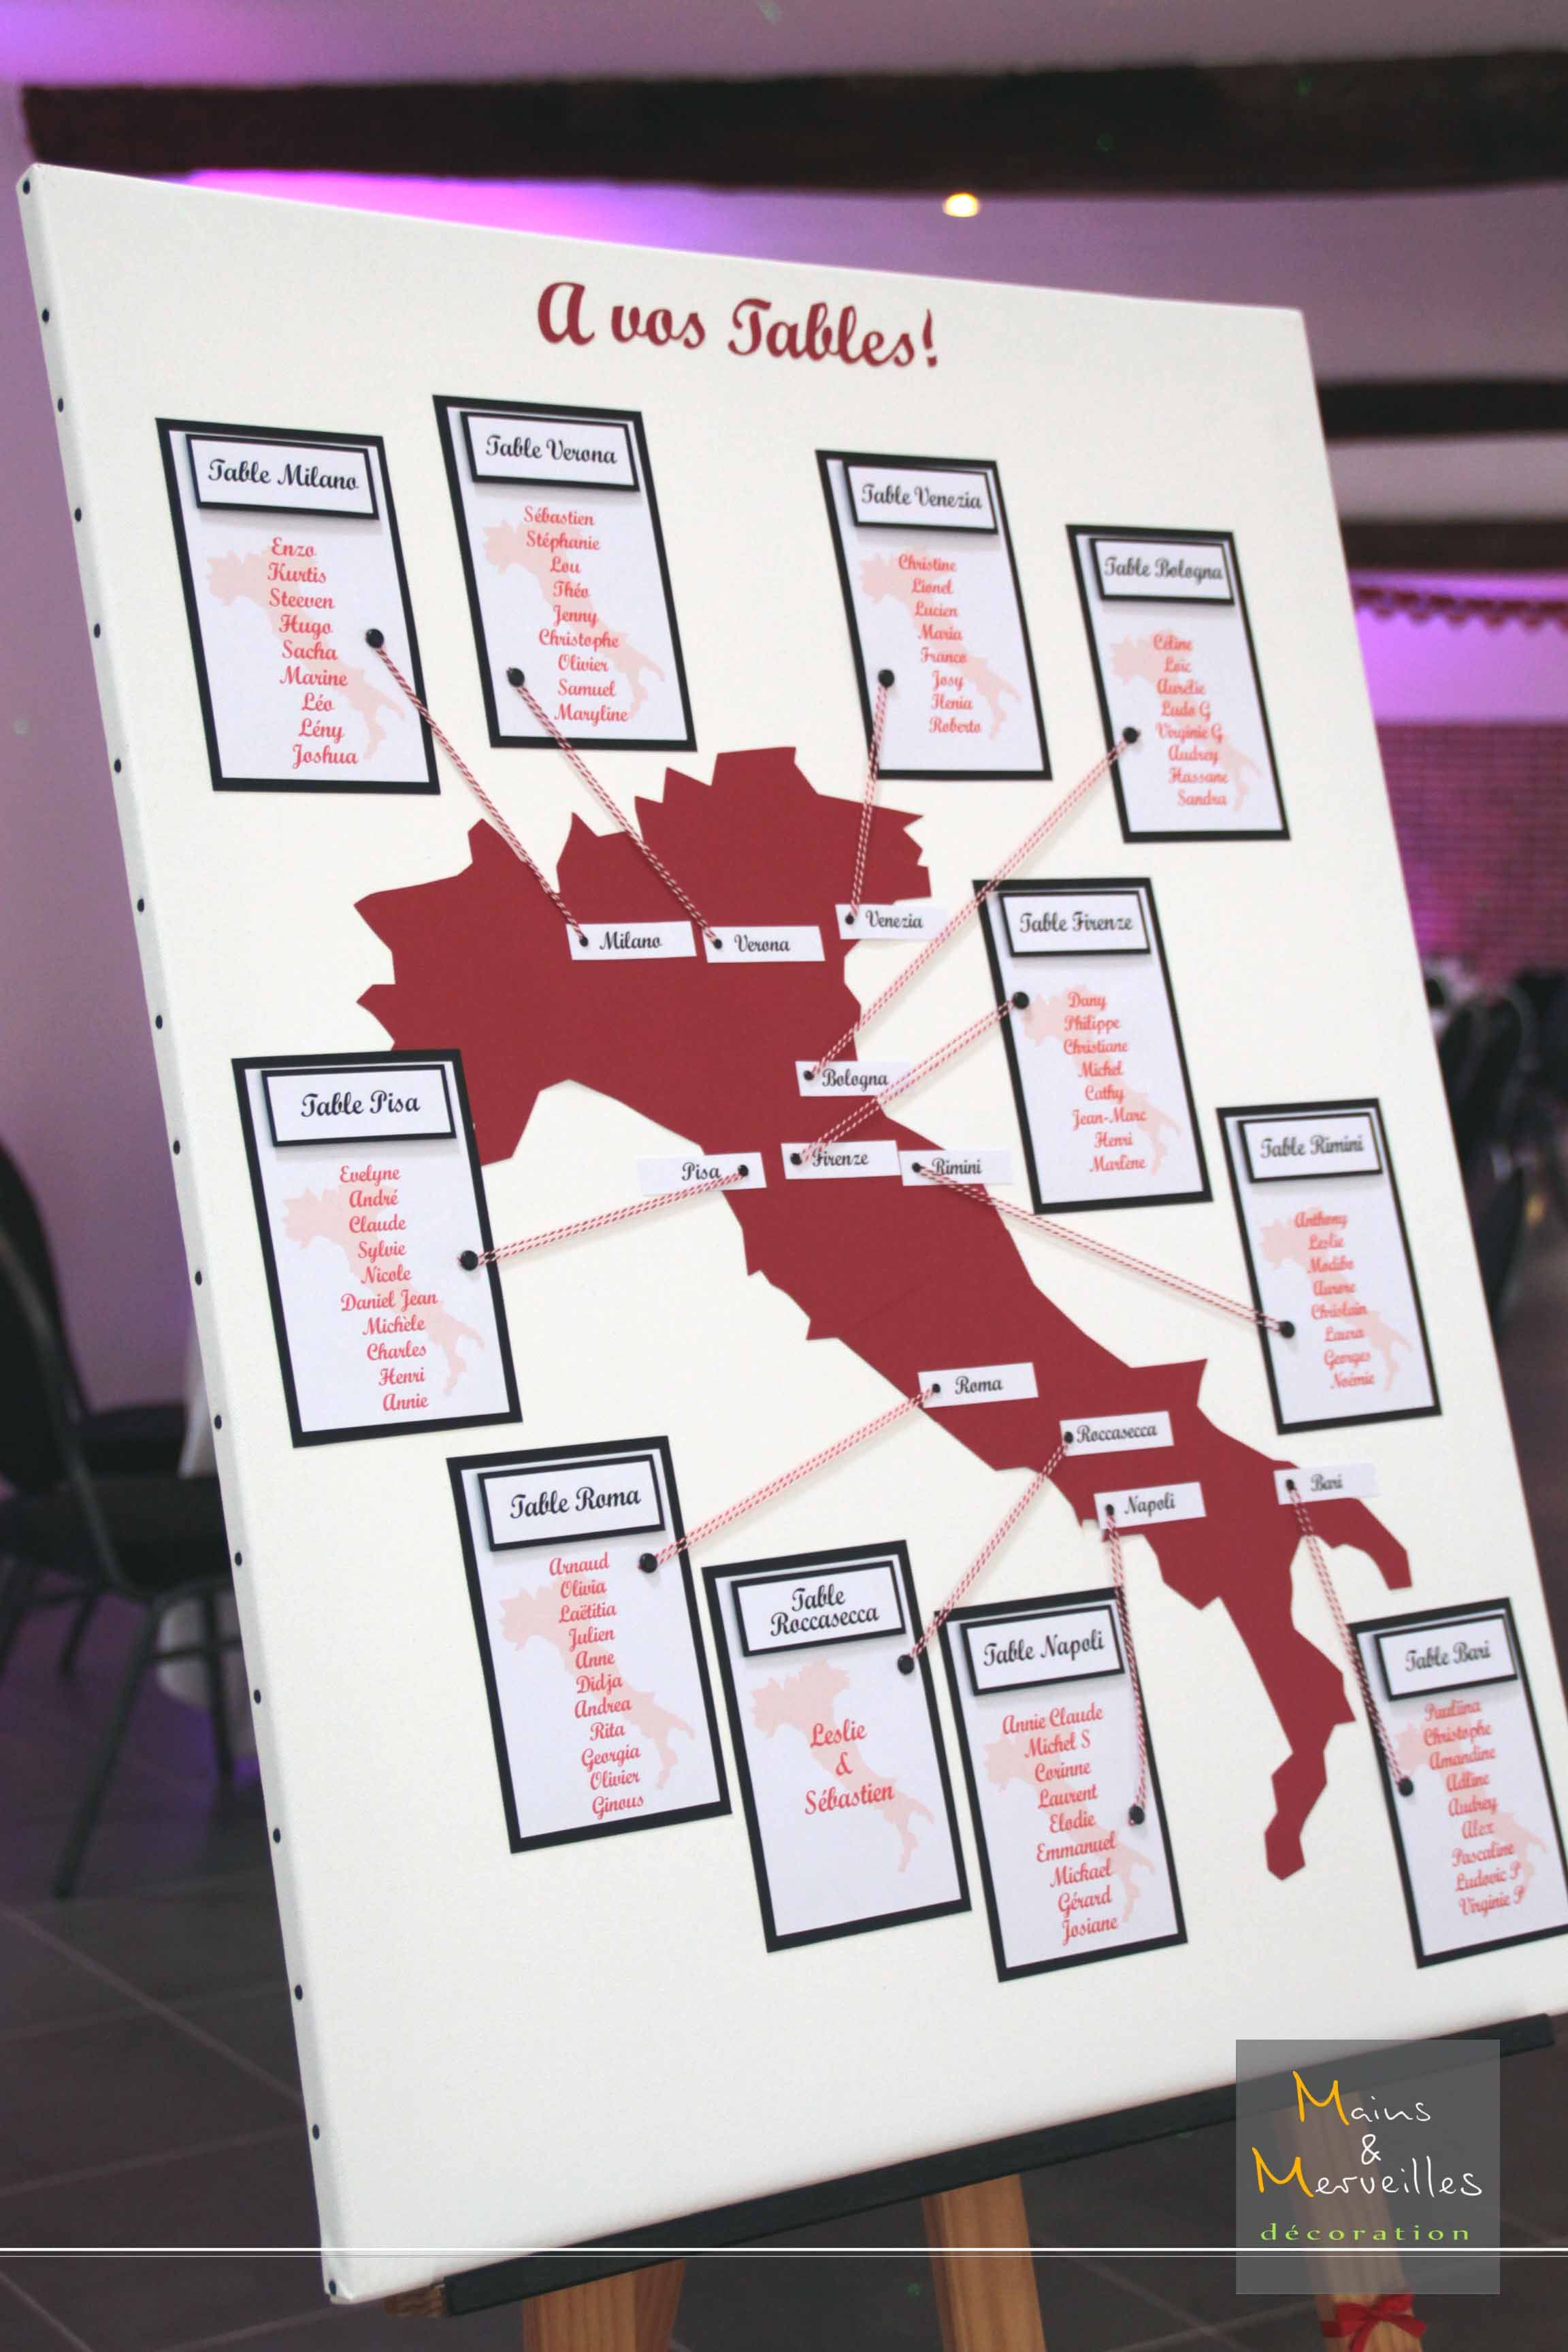 Plan De Table Personnalise Plan De Table Mariage Plan De Table Table Mariage Voyage